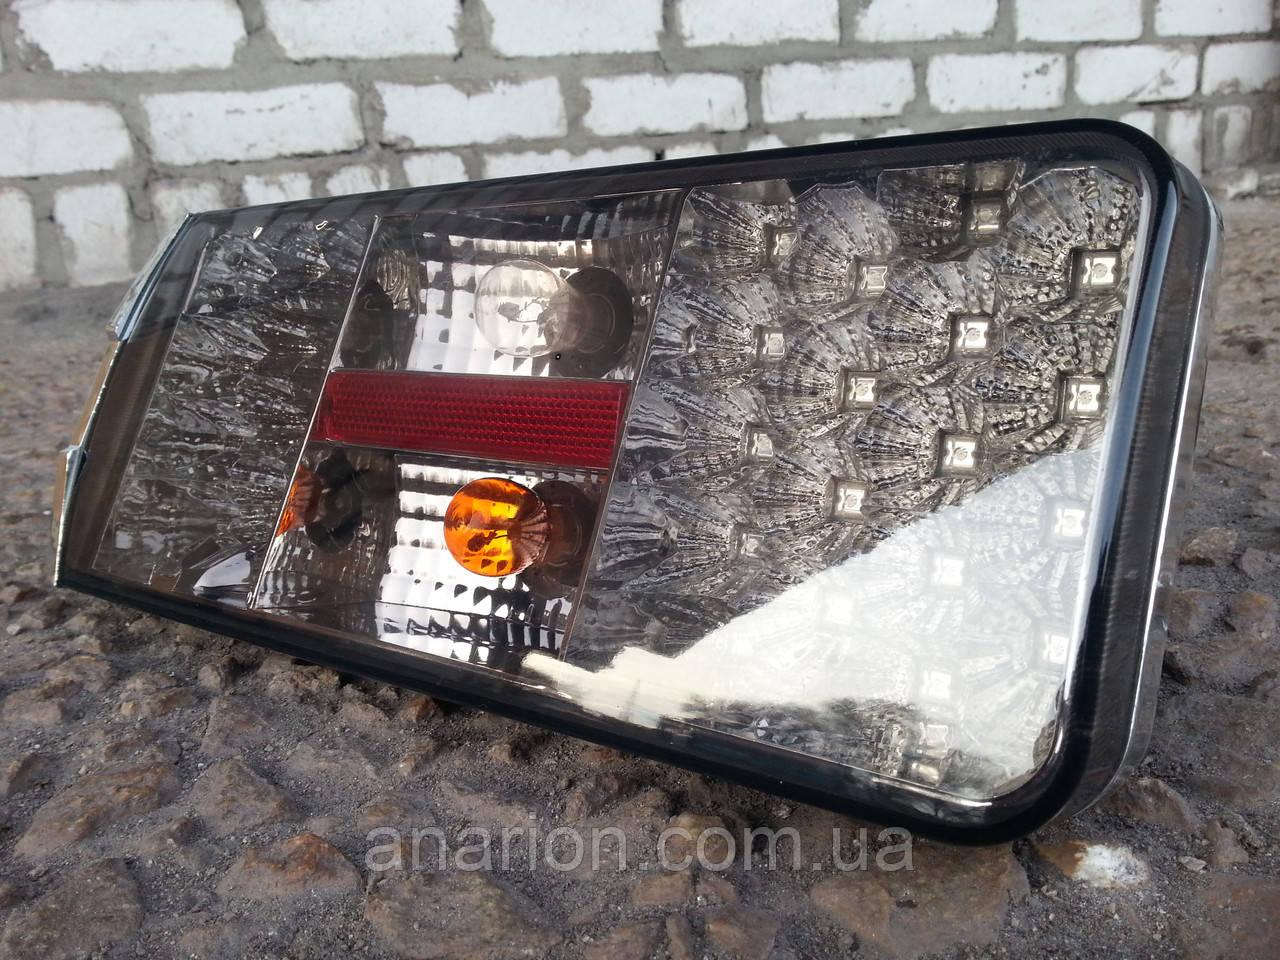 Диодные задние фонари на ВАЗ 2106 Глаза паука №4 (Тайвань)